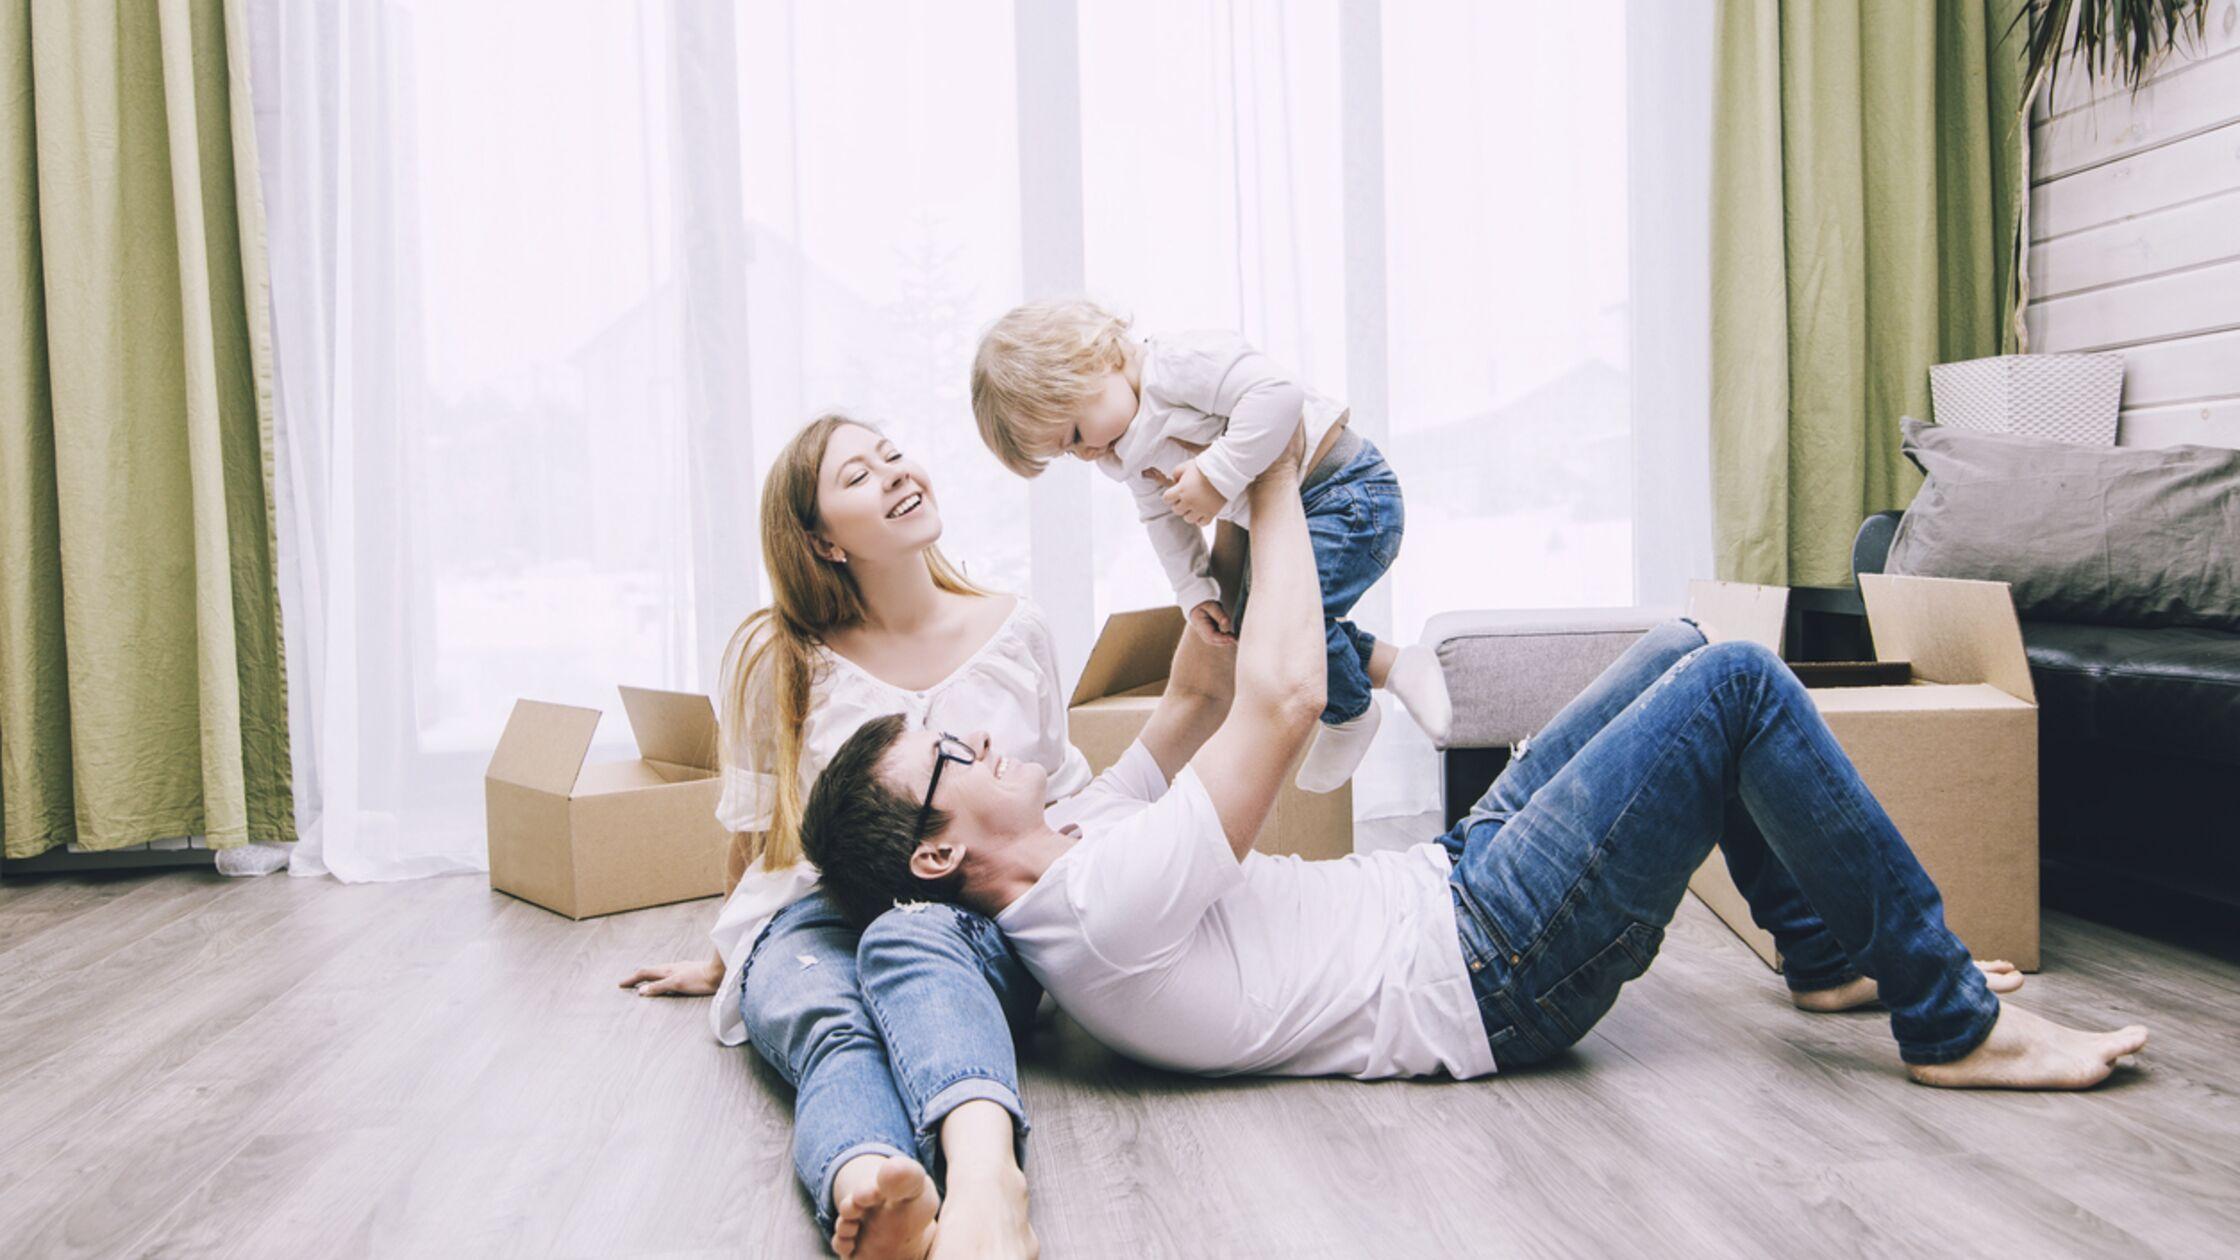 Wohnung kindersicher machen: Tipps und Tricks für Schränke, Steckdosen und Co.